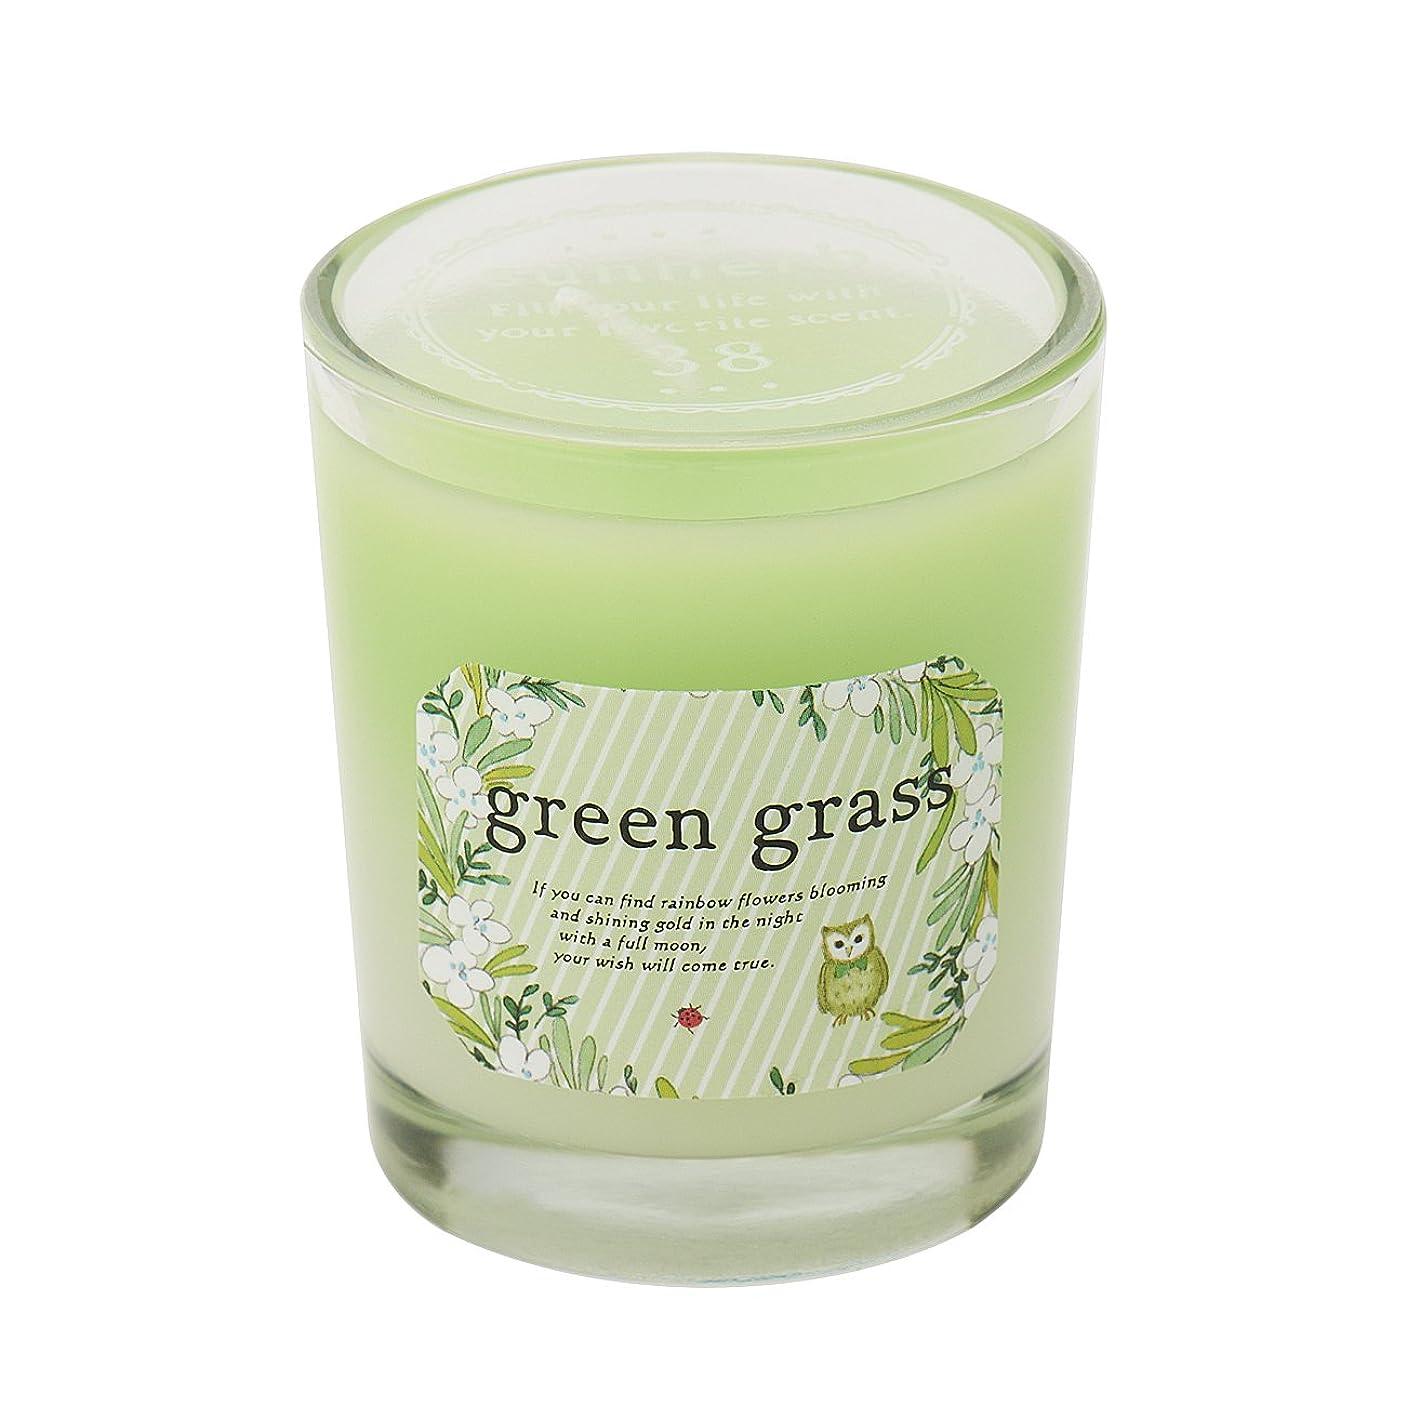 レール娯楽関係サンハーブ グラスキャンドル グリーングラス 35g(グラデーションろうそく 燃焼時間約10時間 爽やかでちょっと大人の香り)